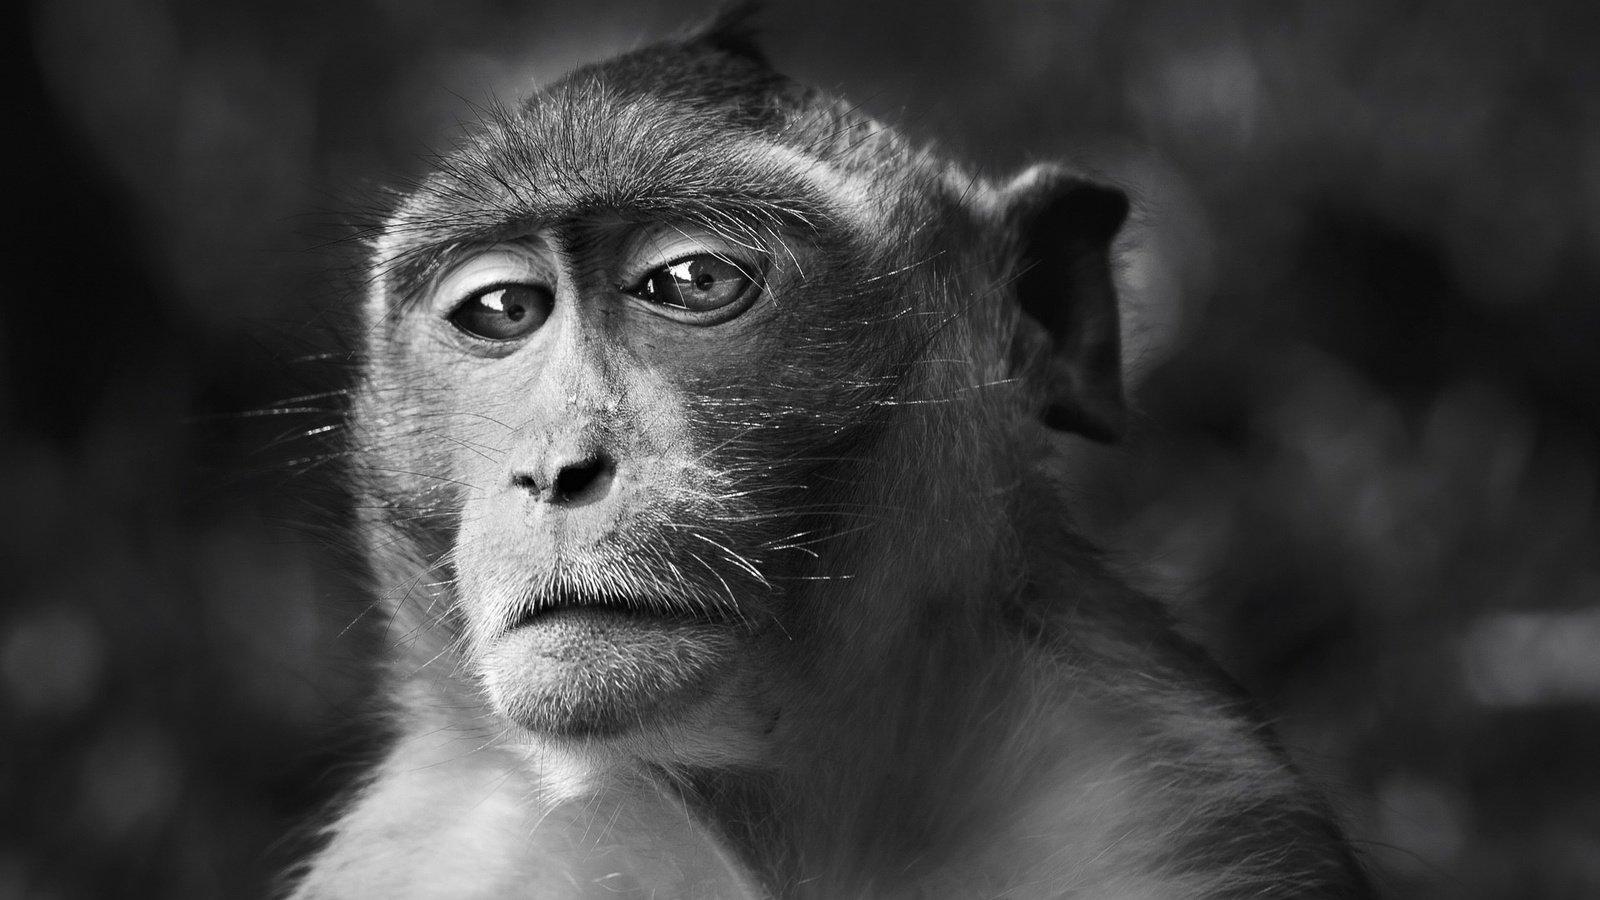 красивые фотографии черно белые для рабочего стола цап